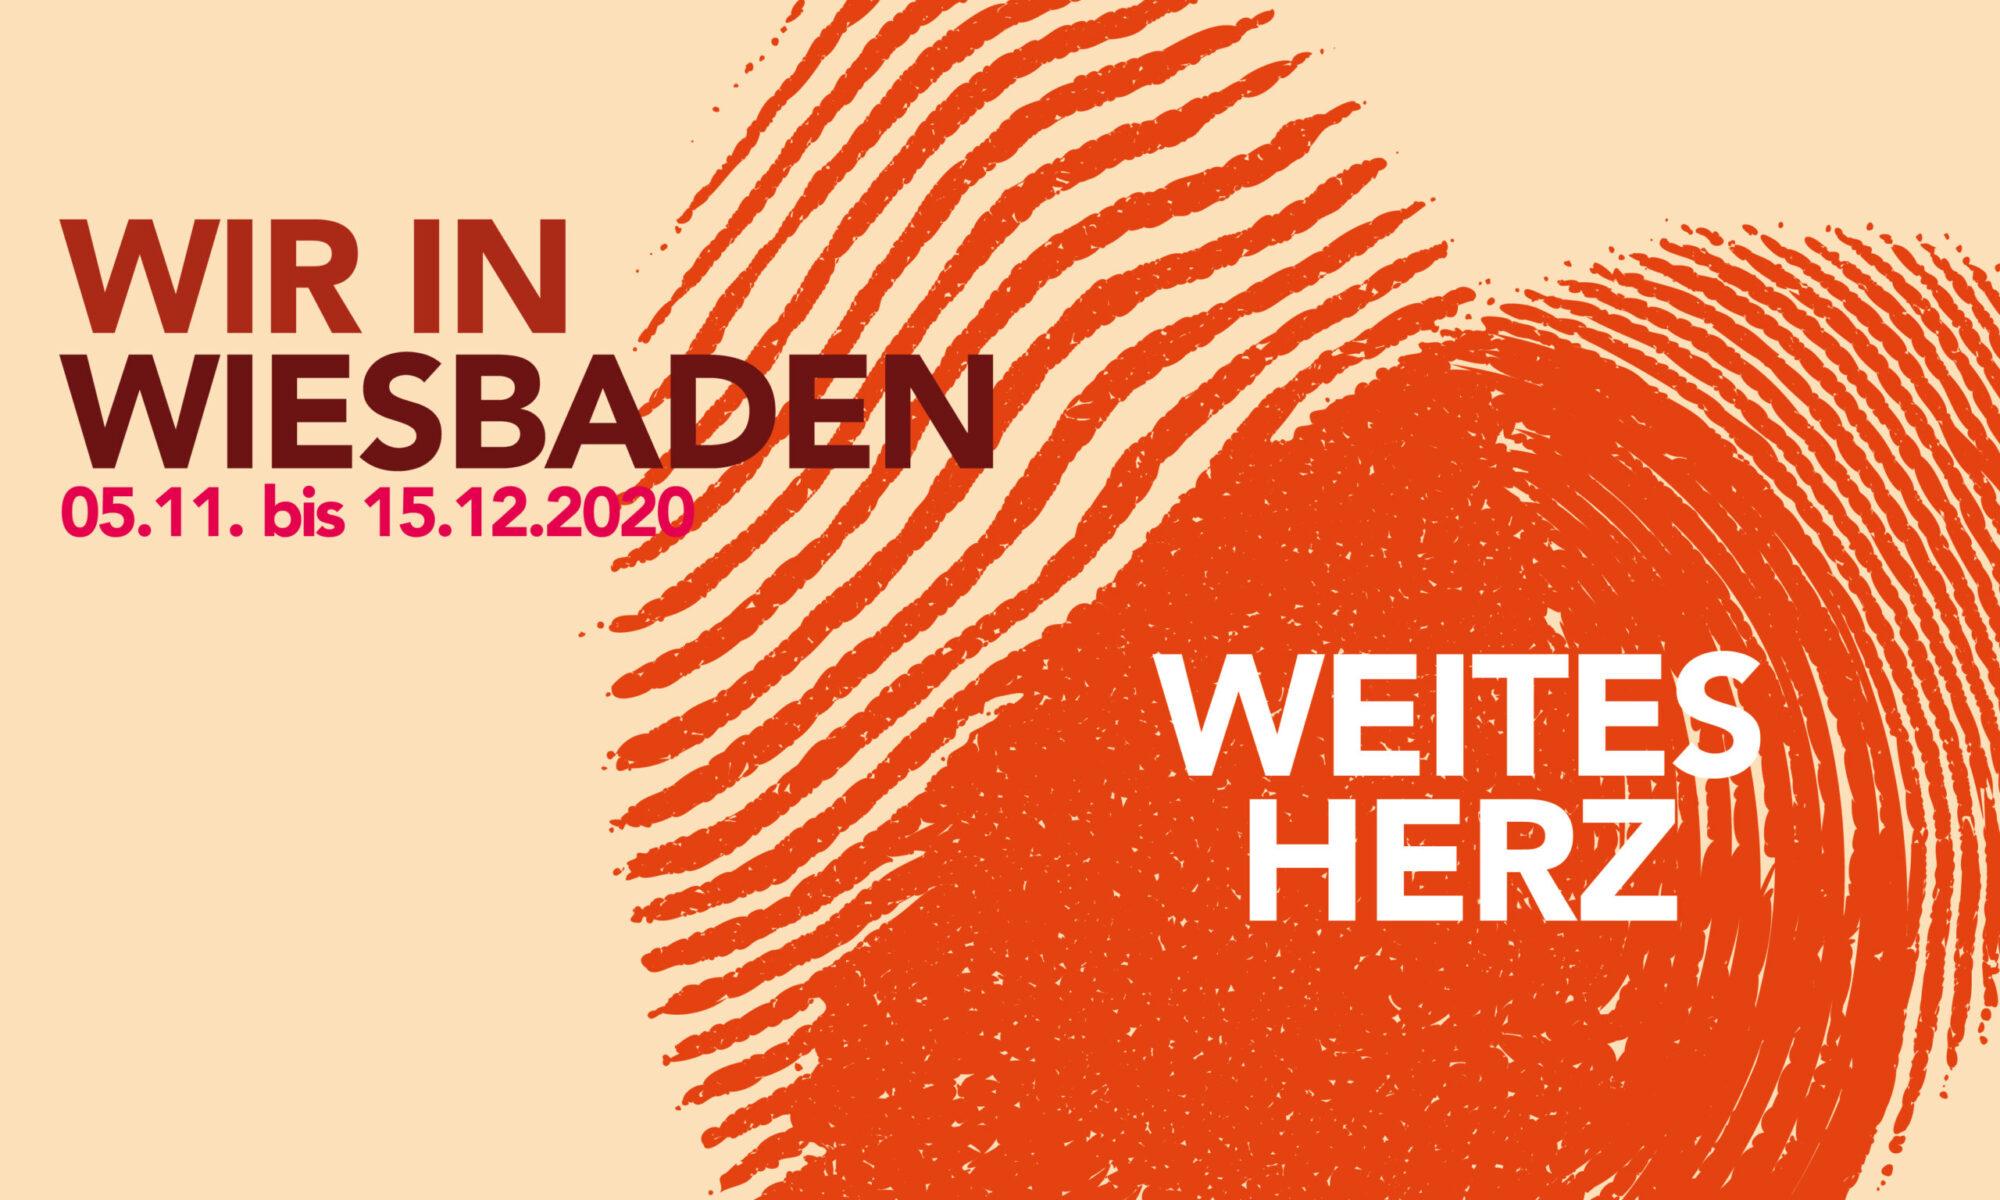 WIR in Wiesbaden – Weites Herz